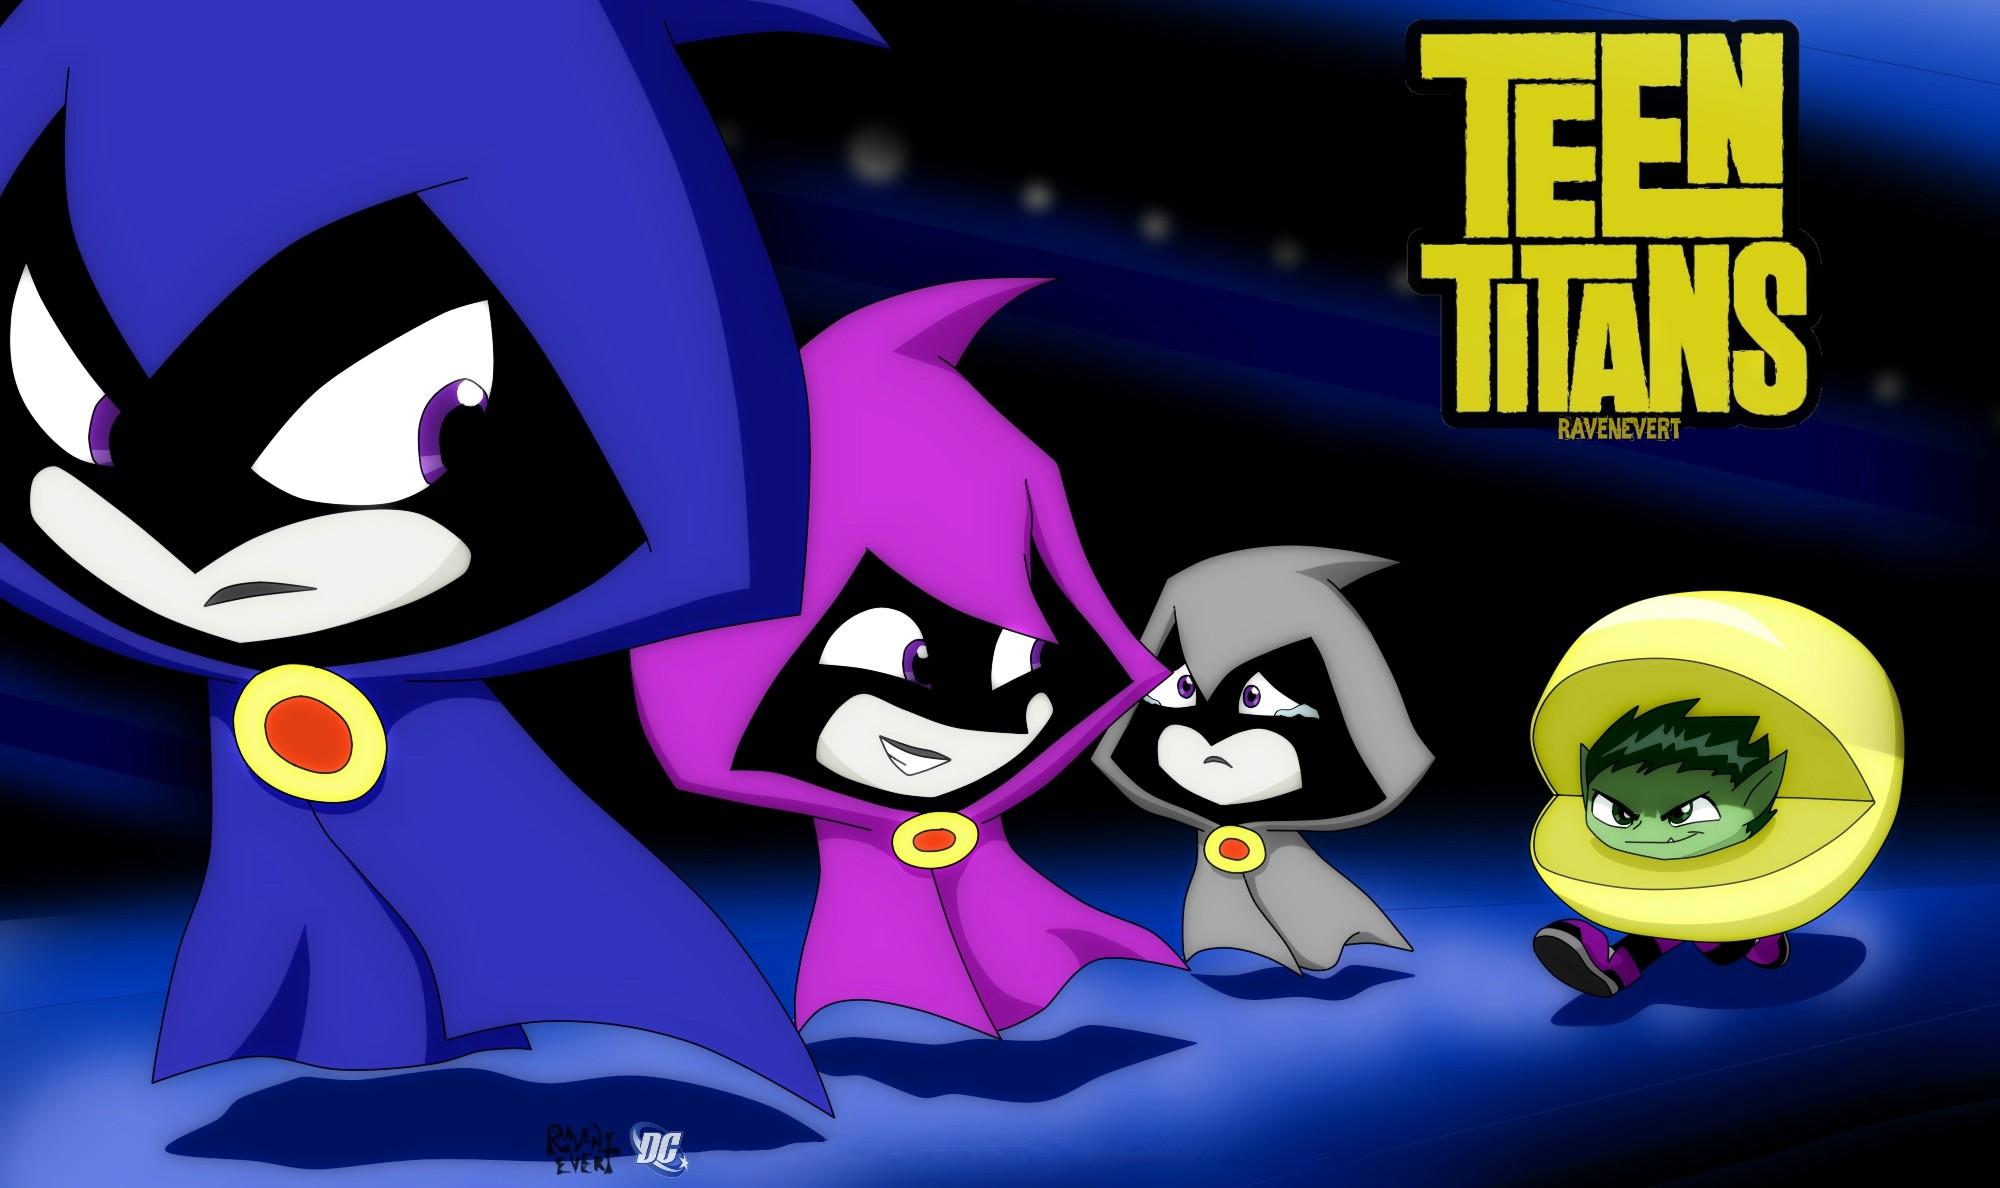 2000x1188 Teen Titans Wallpaper · Teen TitansRavens · Download · 1800x2250